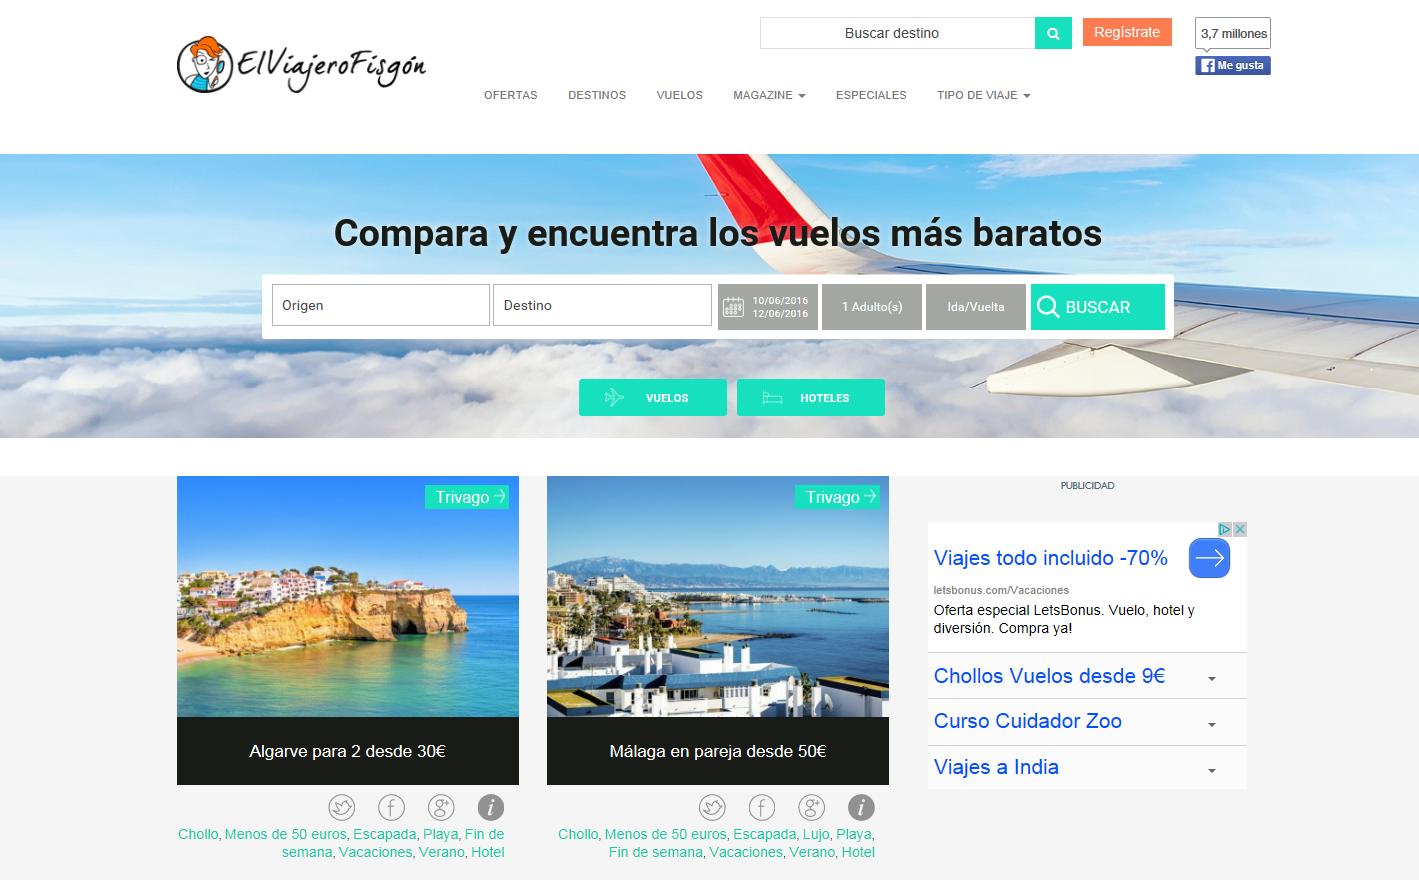 Las mejores webs de viajes: El viajero fisgon